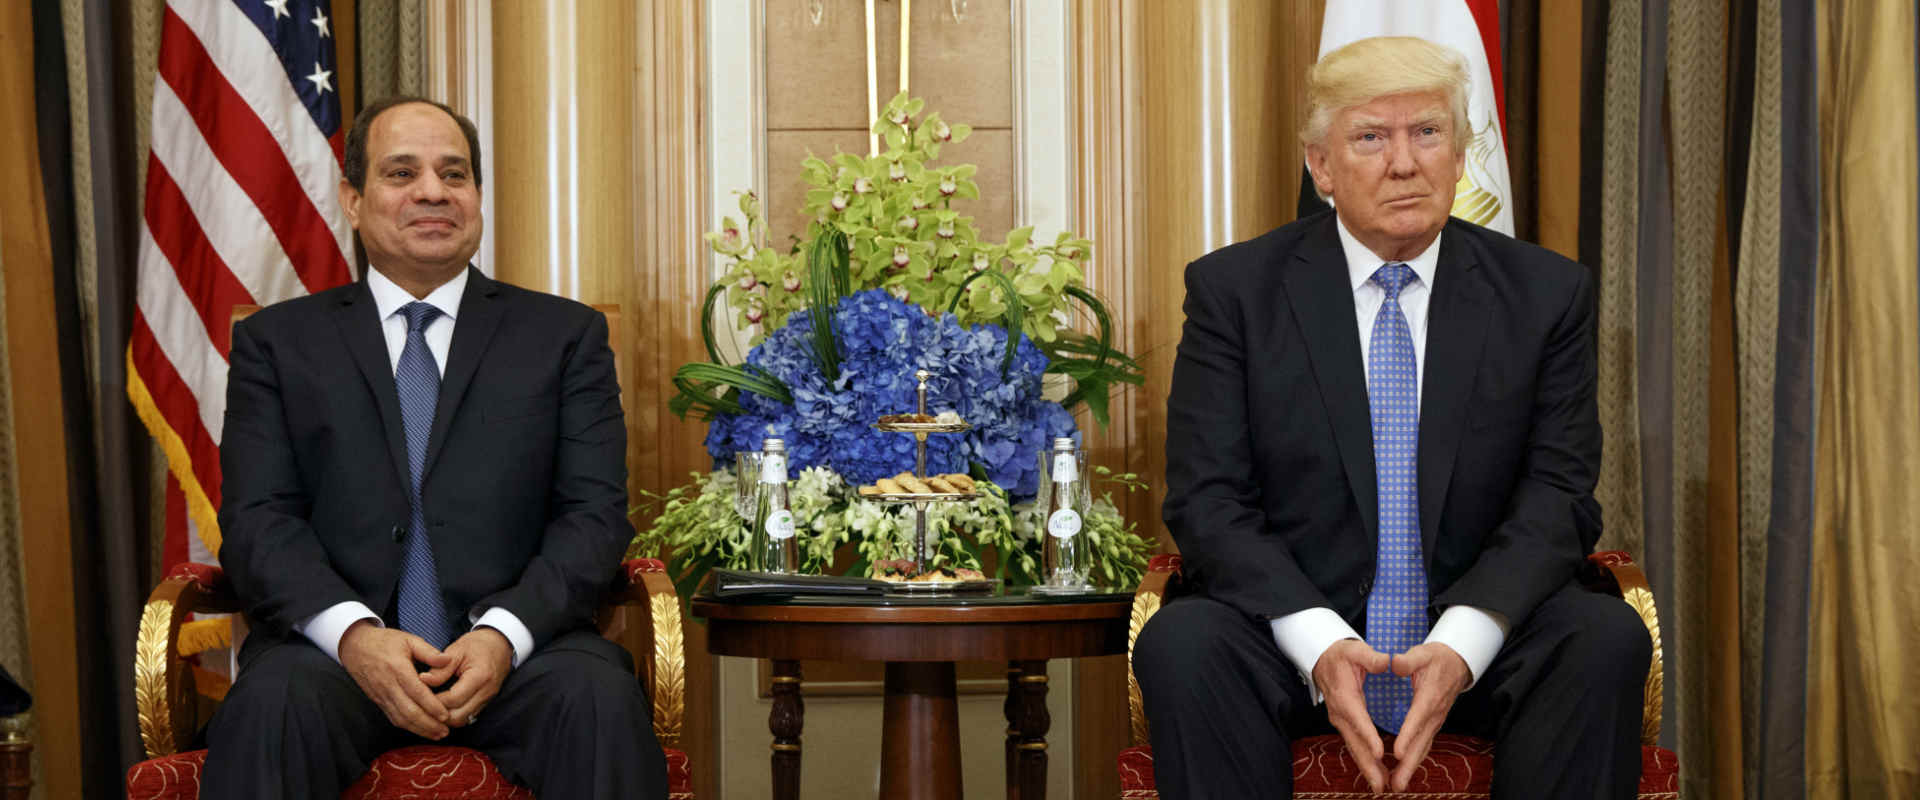 פגישת טראמפ וא-סיסי בריאד, 21 במאי 2017